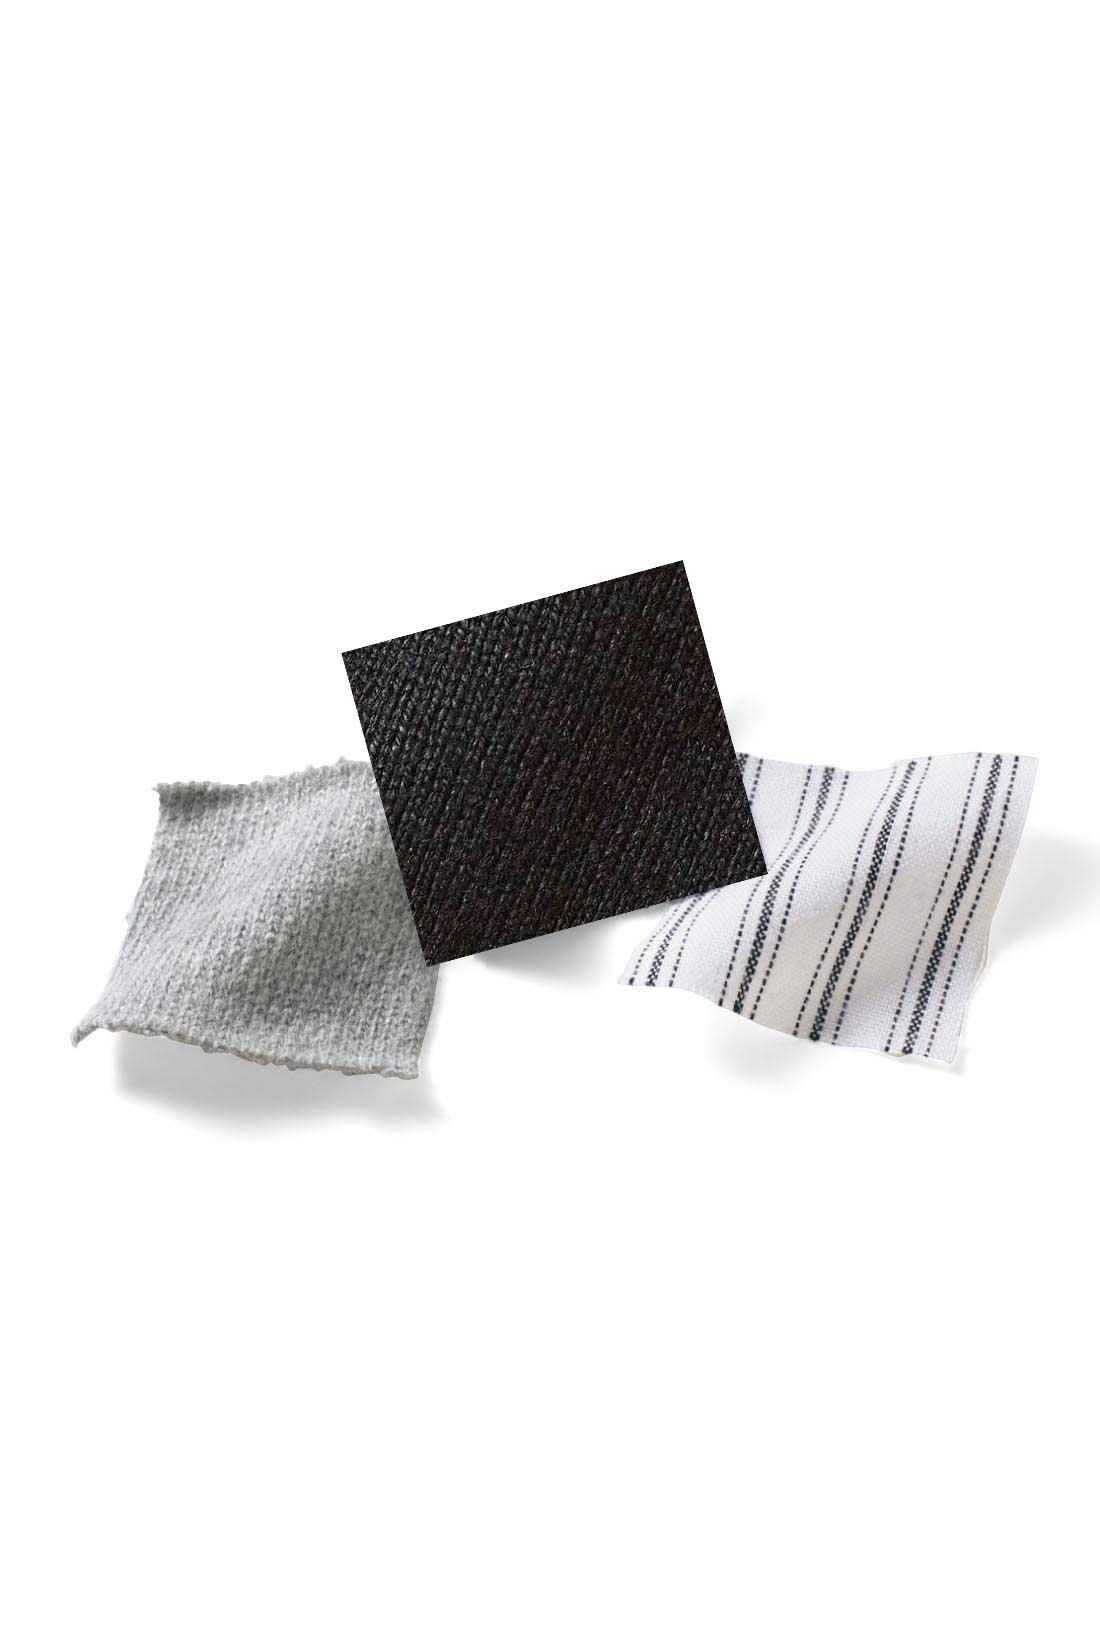 カットソーは度詰めして張り感を出したオーガニックコットン100%。肌心地がいいうえに長く使えます。ストライプの袖口は布はく素材できちんと感アップ。 ※お届けするカラーとは異なります。